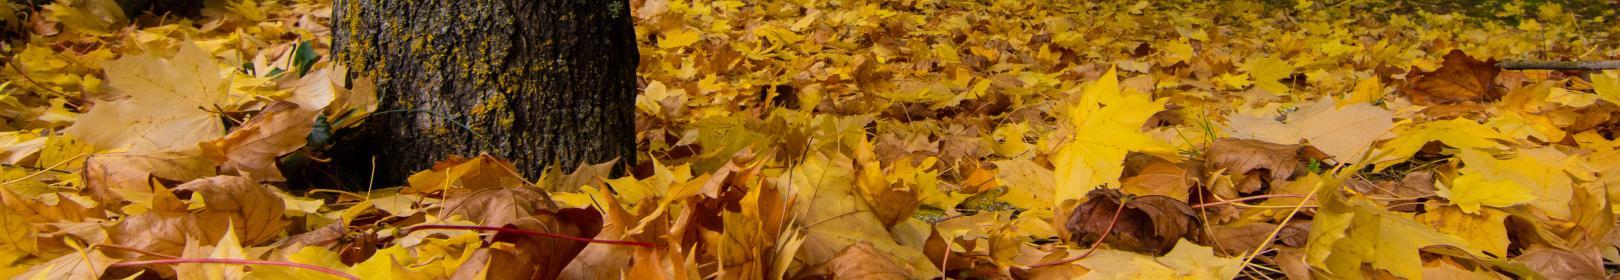 tappeto di foglie in un parco a Gairo (foto C.Mascia)